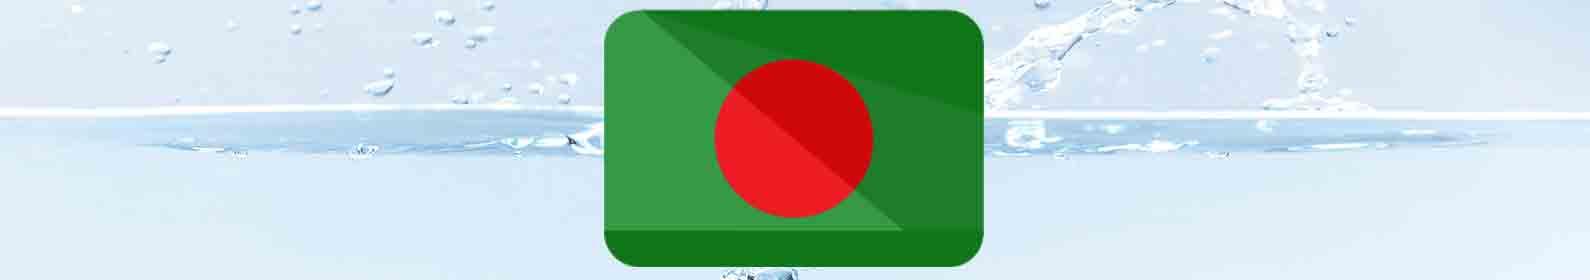 tratamento-de-agua-bangladesh.jpg